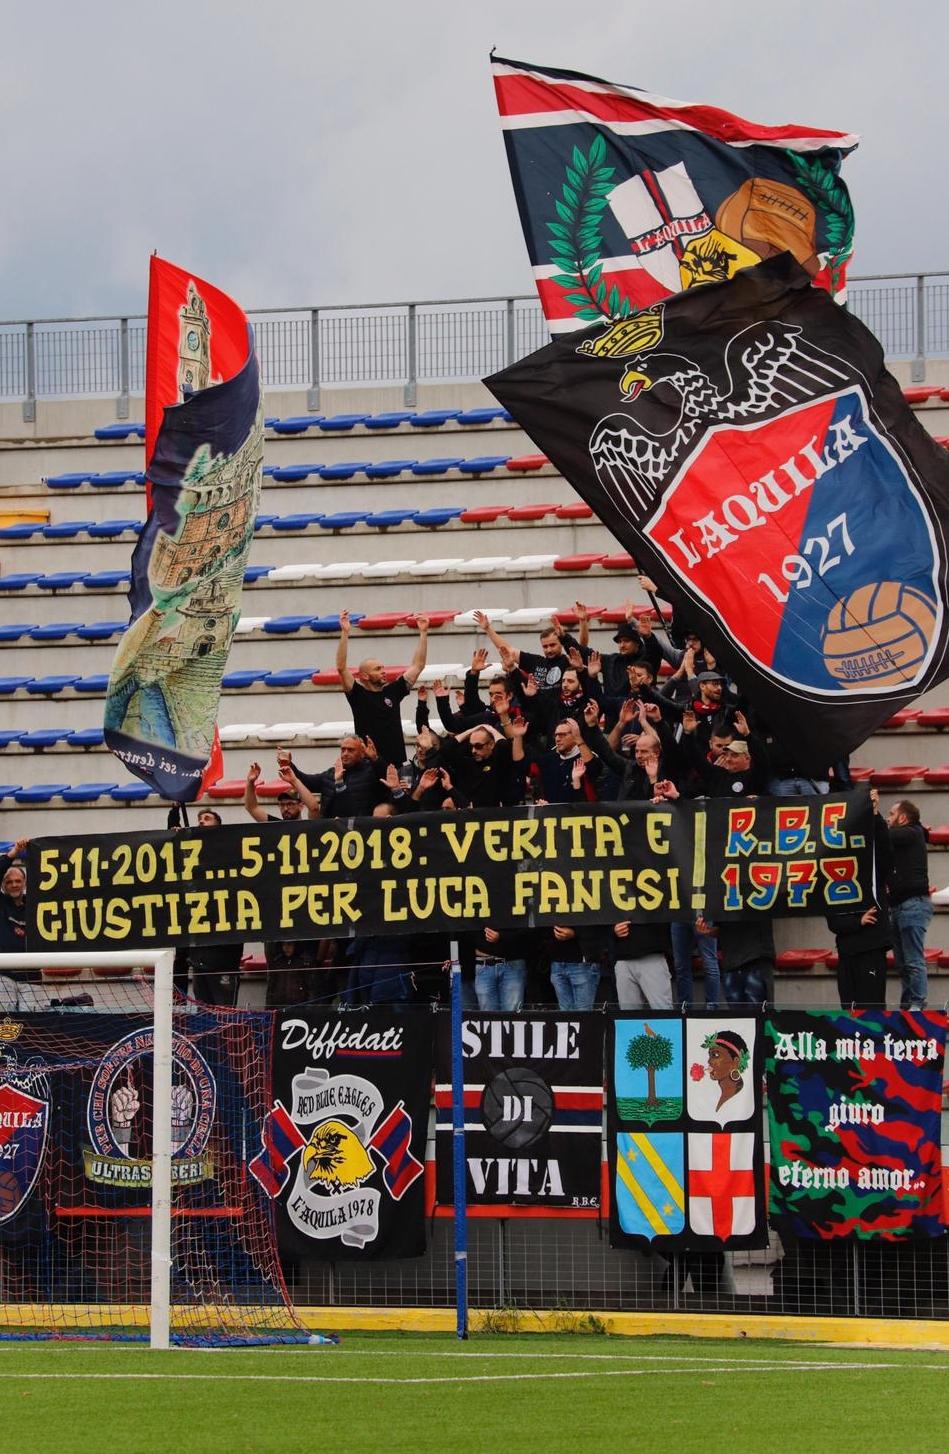 5-11-2017...5-11-2018 Verità e giustizia per Luca Fanesi!